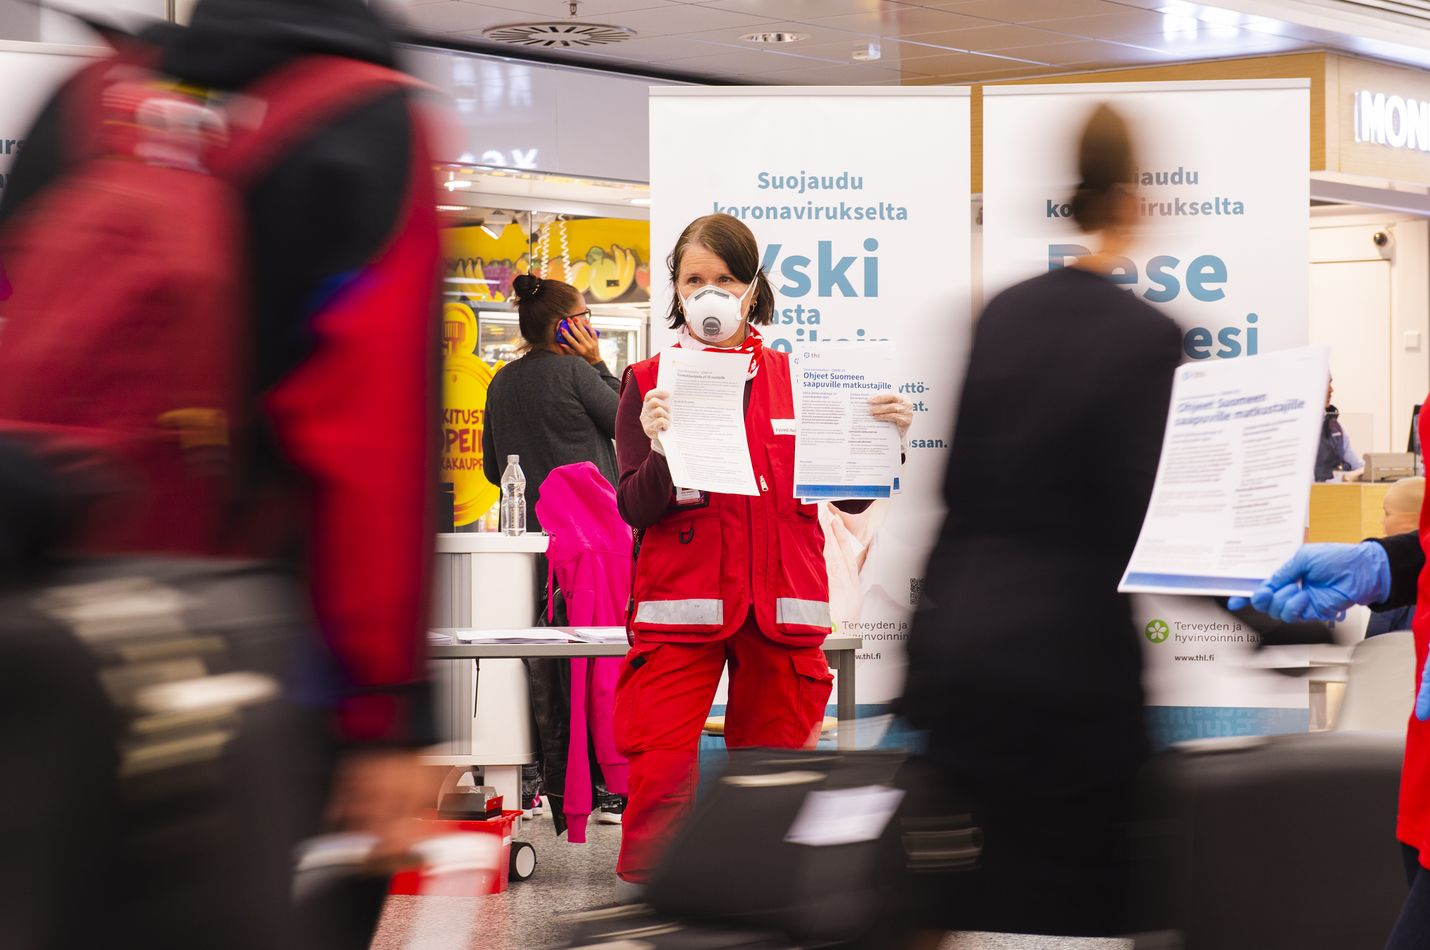 Suomen Punaisen Ristin vapaaehtoiset neuvoivat lentokentällä olevia matkustajia eilen torstaina. Vapaaehtoiset kertoivat koronalta suojautumisesta ja karanteenista. Matkustajia neuvoivat torstaina SPR:n Tikkurilan osaston vapaaehtoinen Silja Hormia yhdessä Hanna Sailasvuon (kuvassa takana) kanssa.